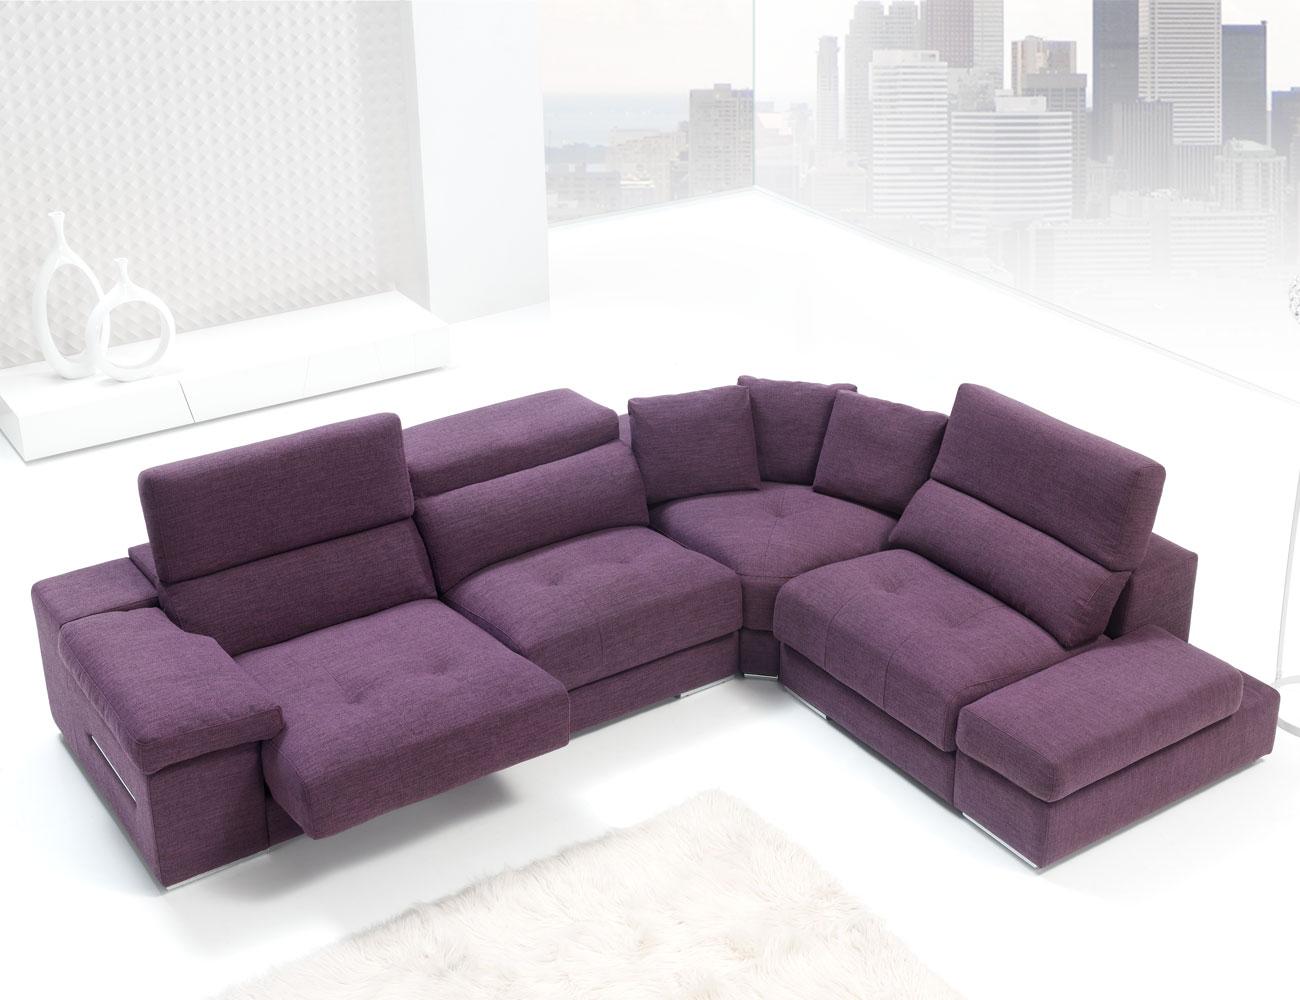 Sofa chaiselongue rincon con brazo mecanico tejido anti manchas 223